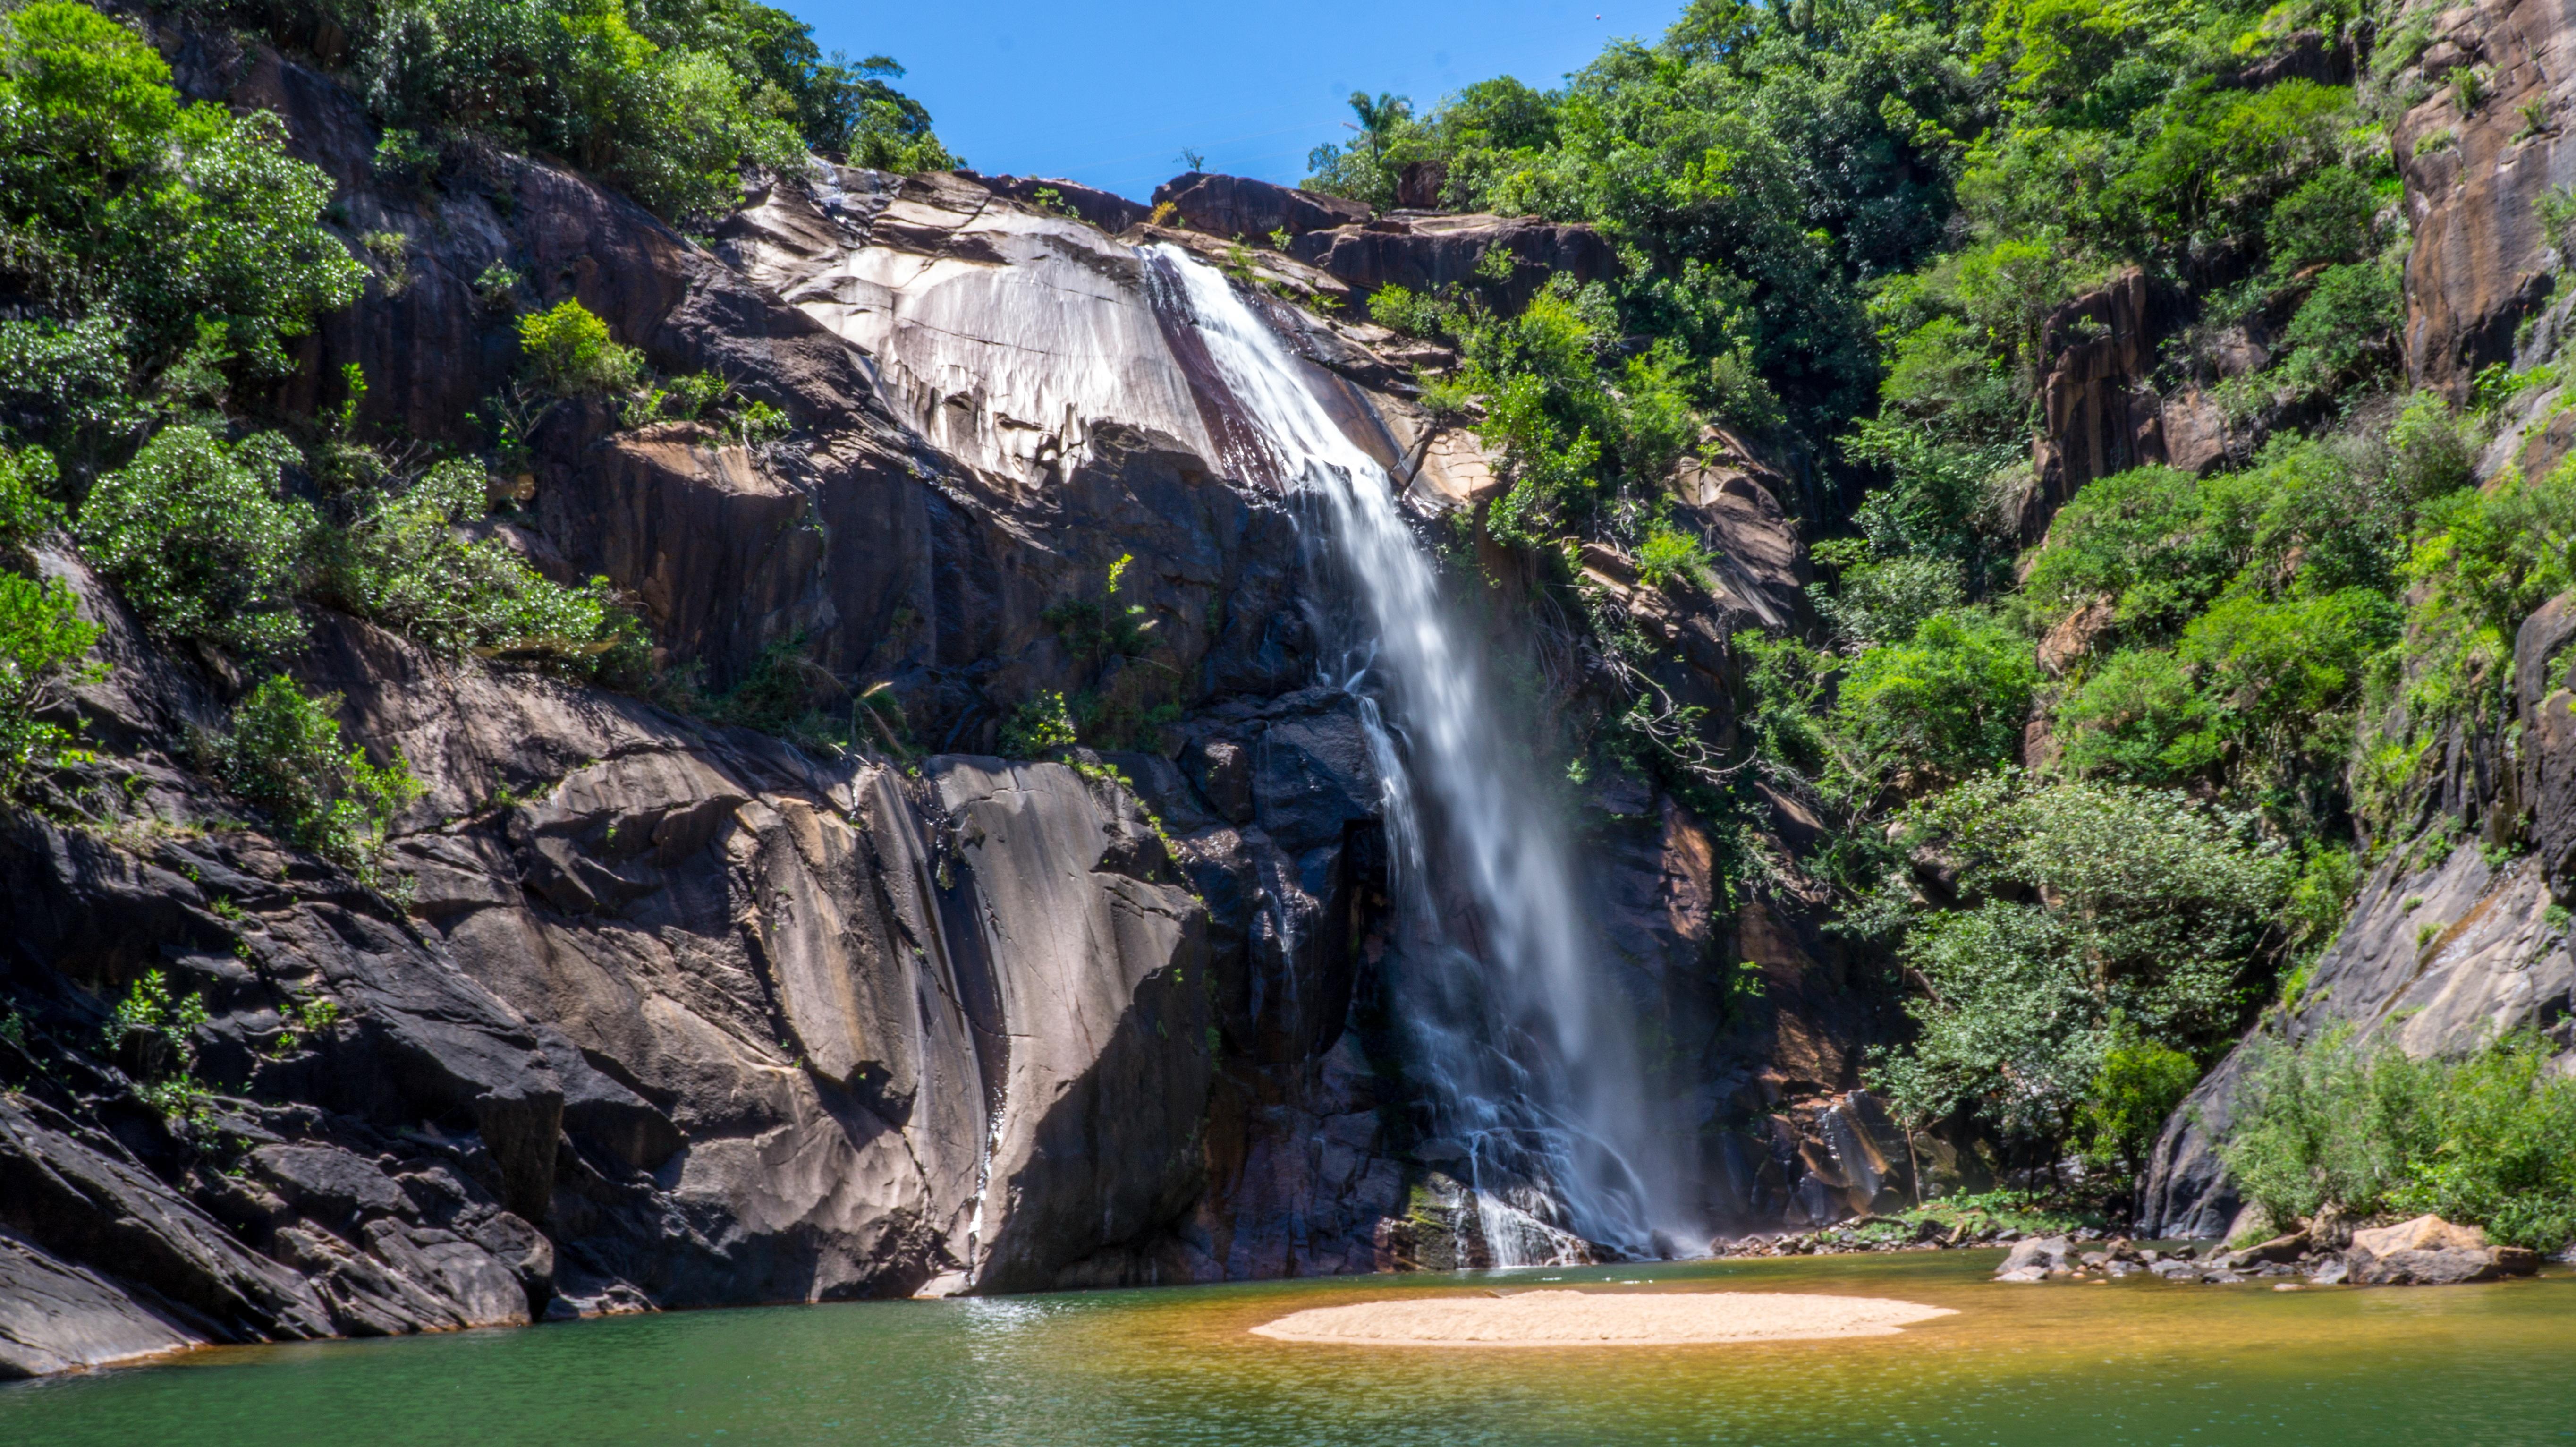 64655 économiseurs d'écran et fonds d'écran Nature sur votre téléphone. Téléchargez Nature, Cascade, Se Rompre, Précipice, Brésil, São Paulo, Sao Paulo images gratuitement